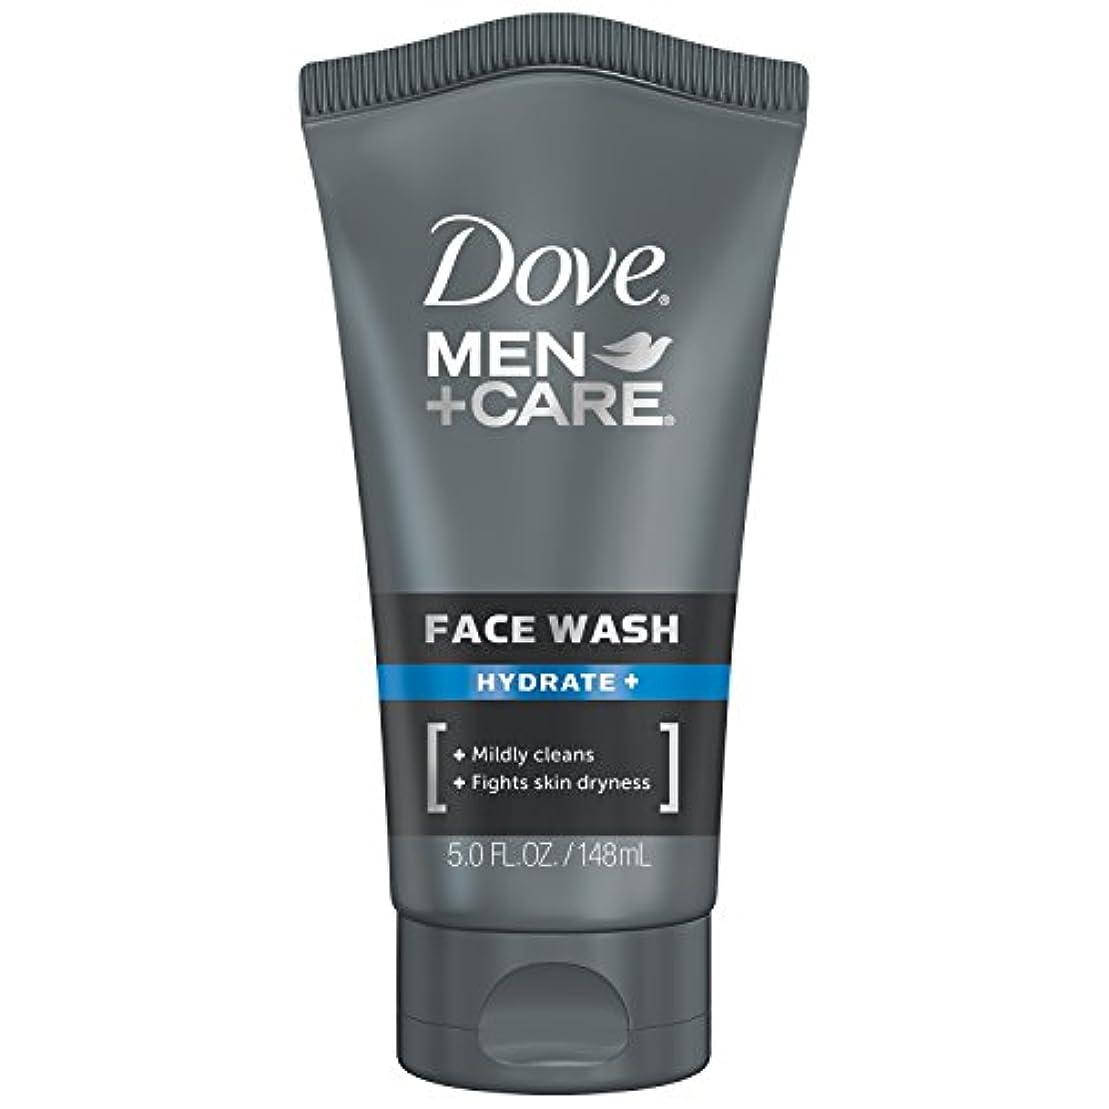 花婿フェザー式Dove Men+Care フェイスウォッシュ 保湿+ 147.9ml (5オンス) 147.9ml (5オンス)